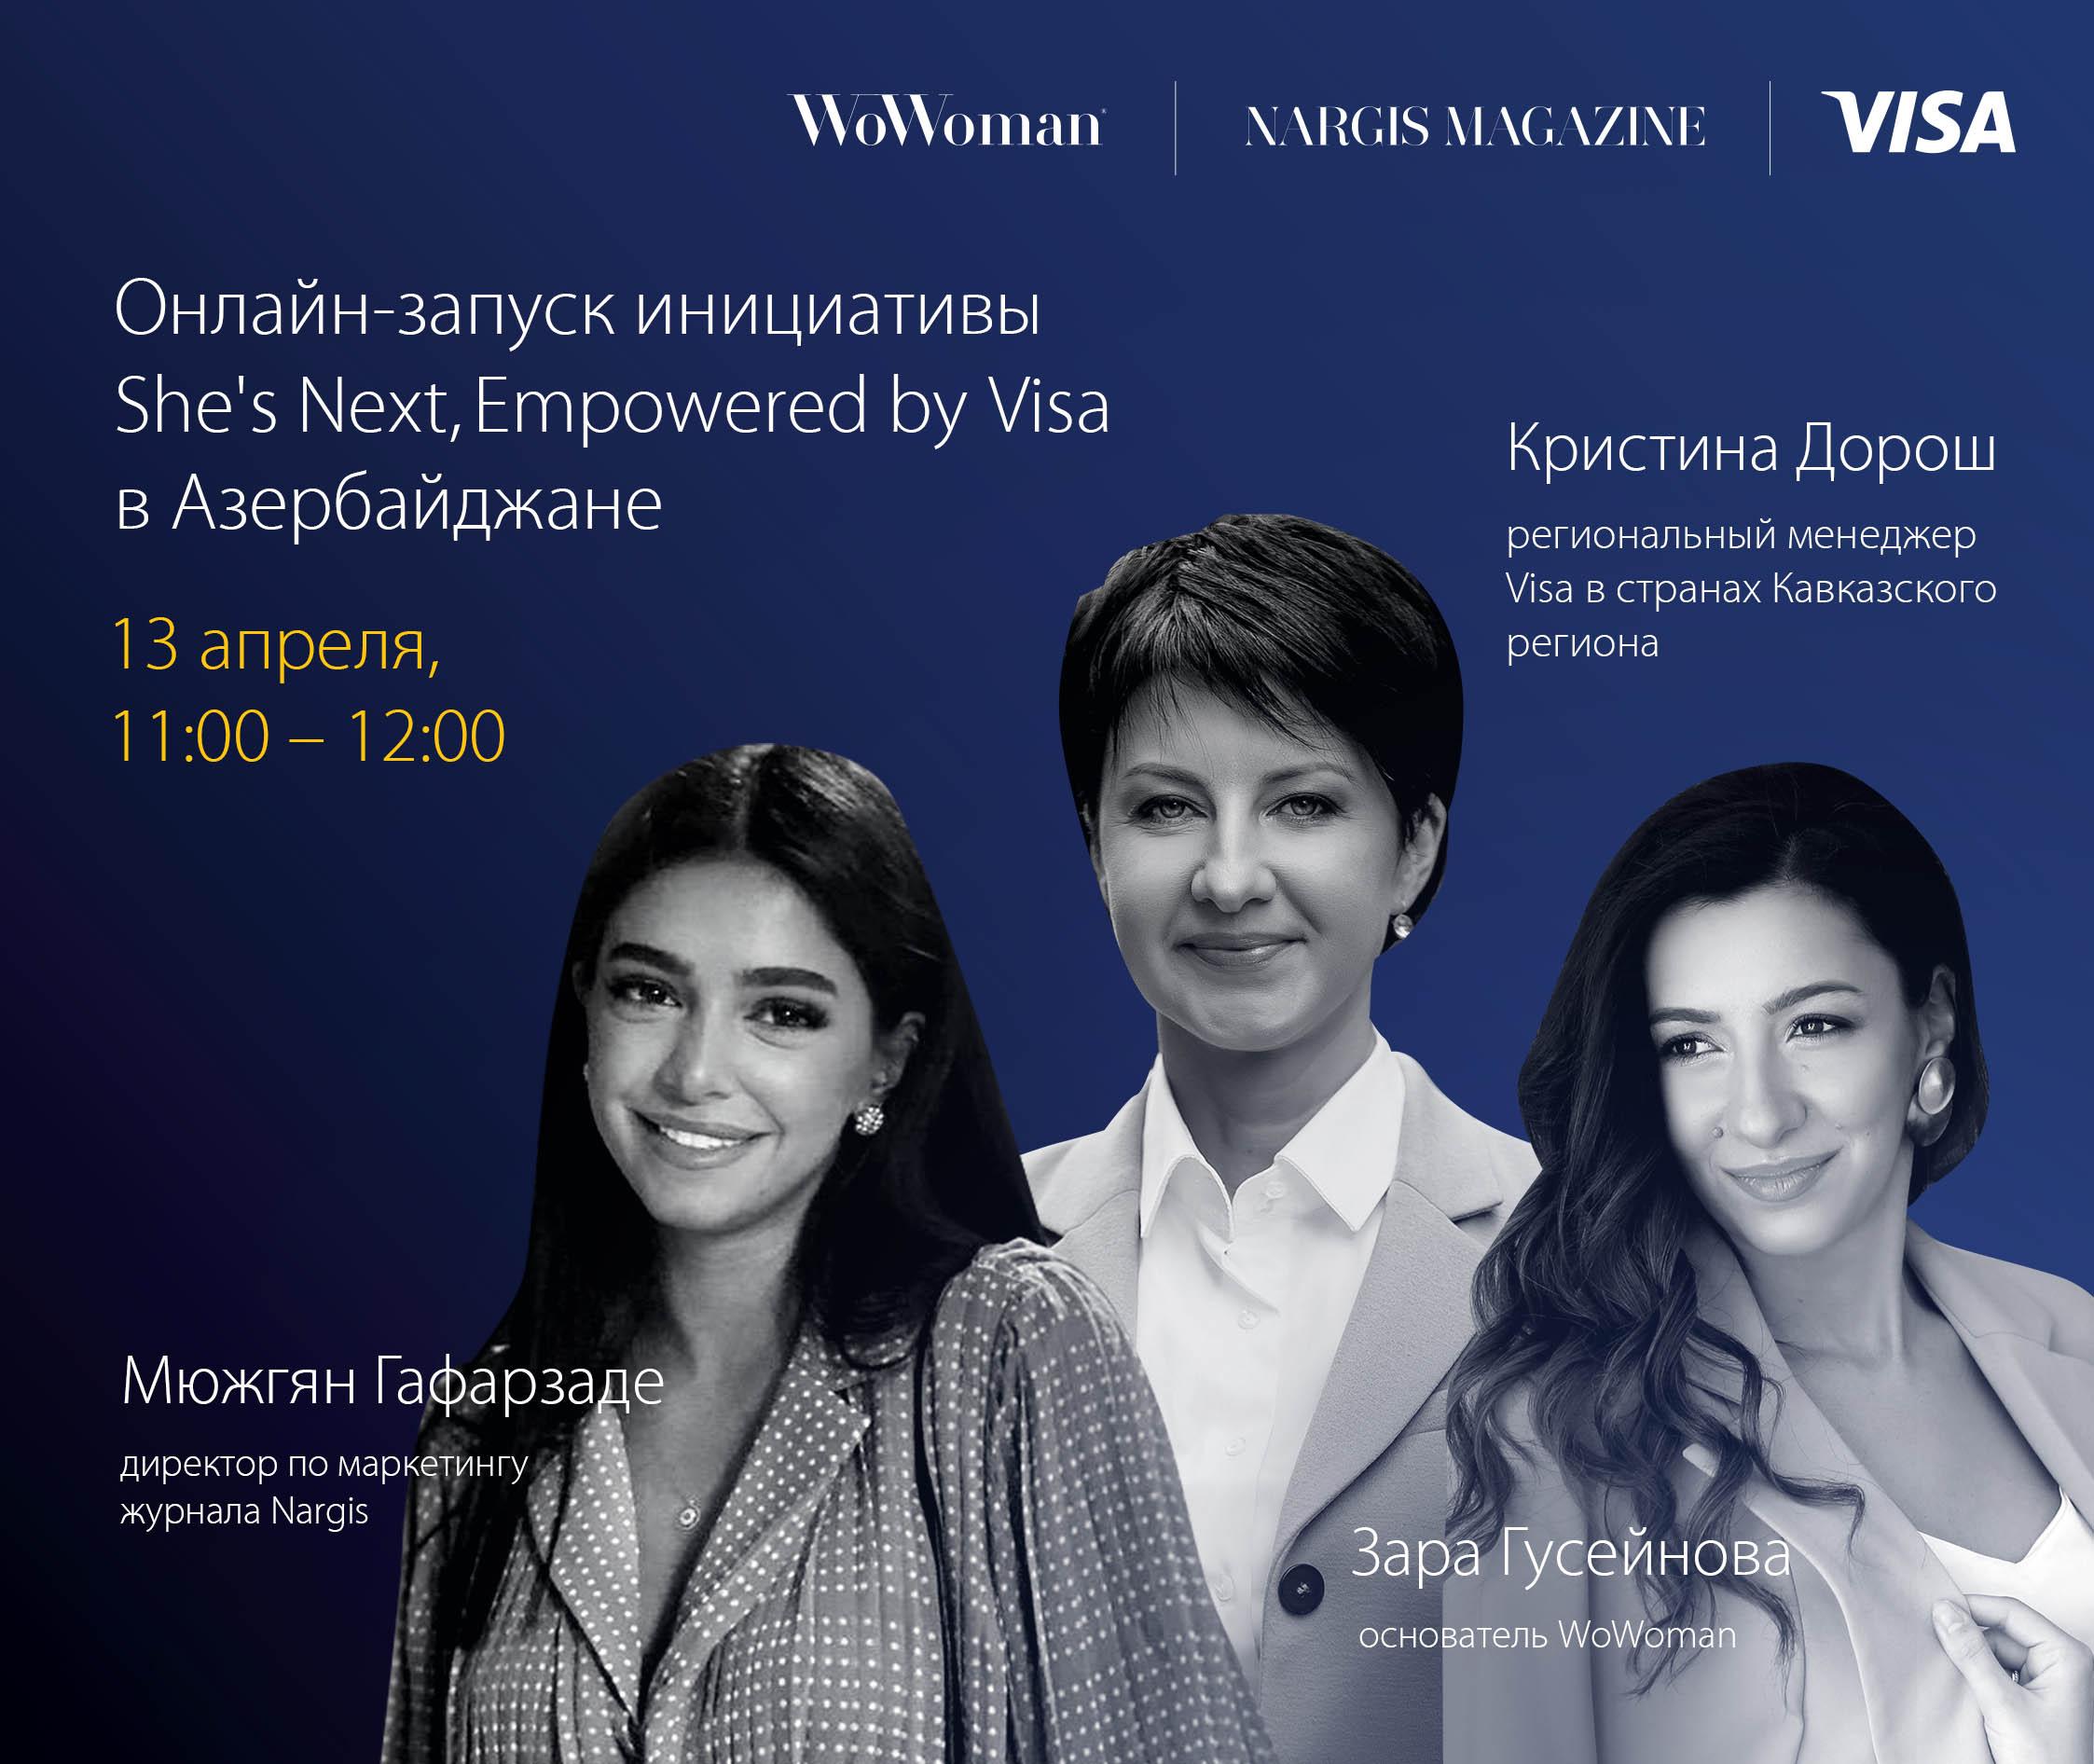 Visa, международная компания платежных технологий, объявляет о старте глобальной инициативы She's Next